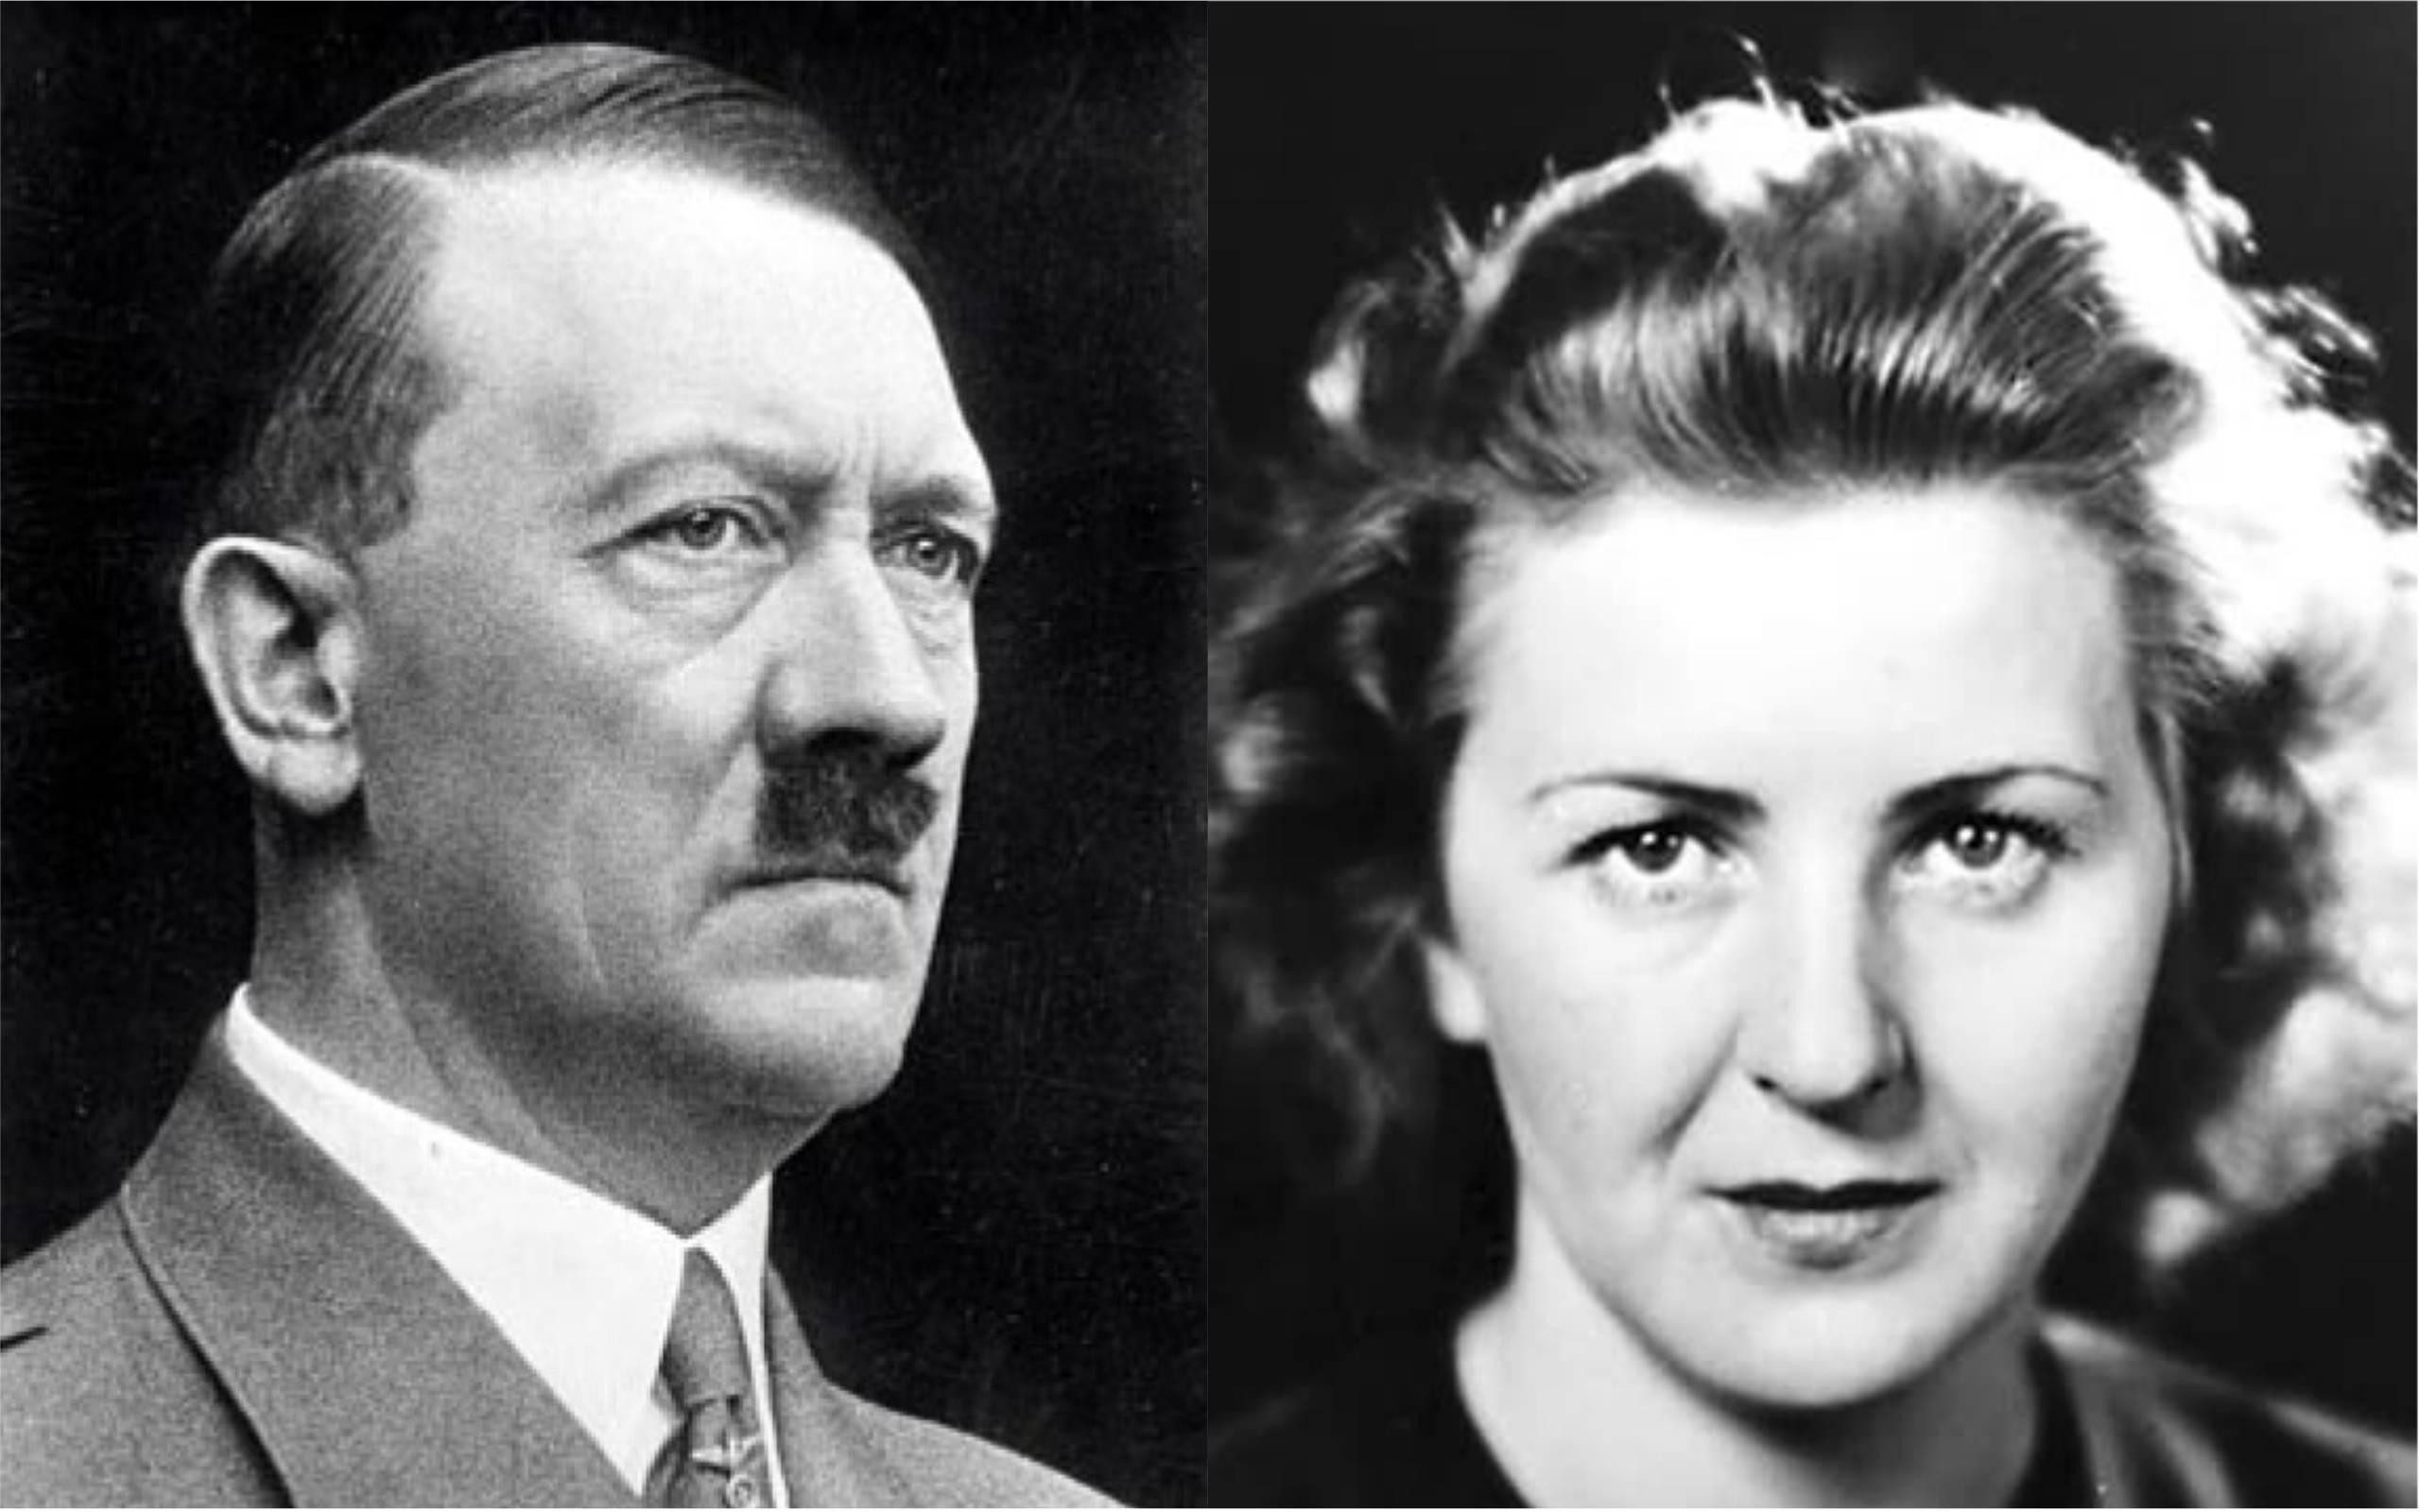 Eva Braun, soția lui Adolf Hitler și cea care a încercat să se sinucidă din dragoste pentru acesta